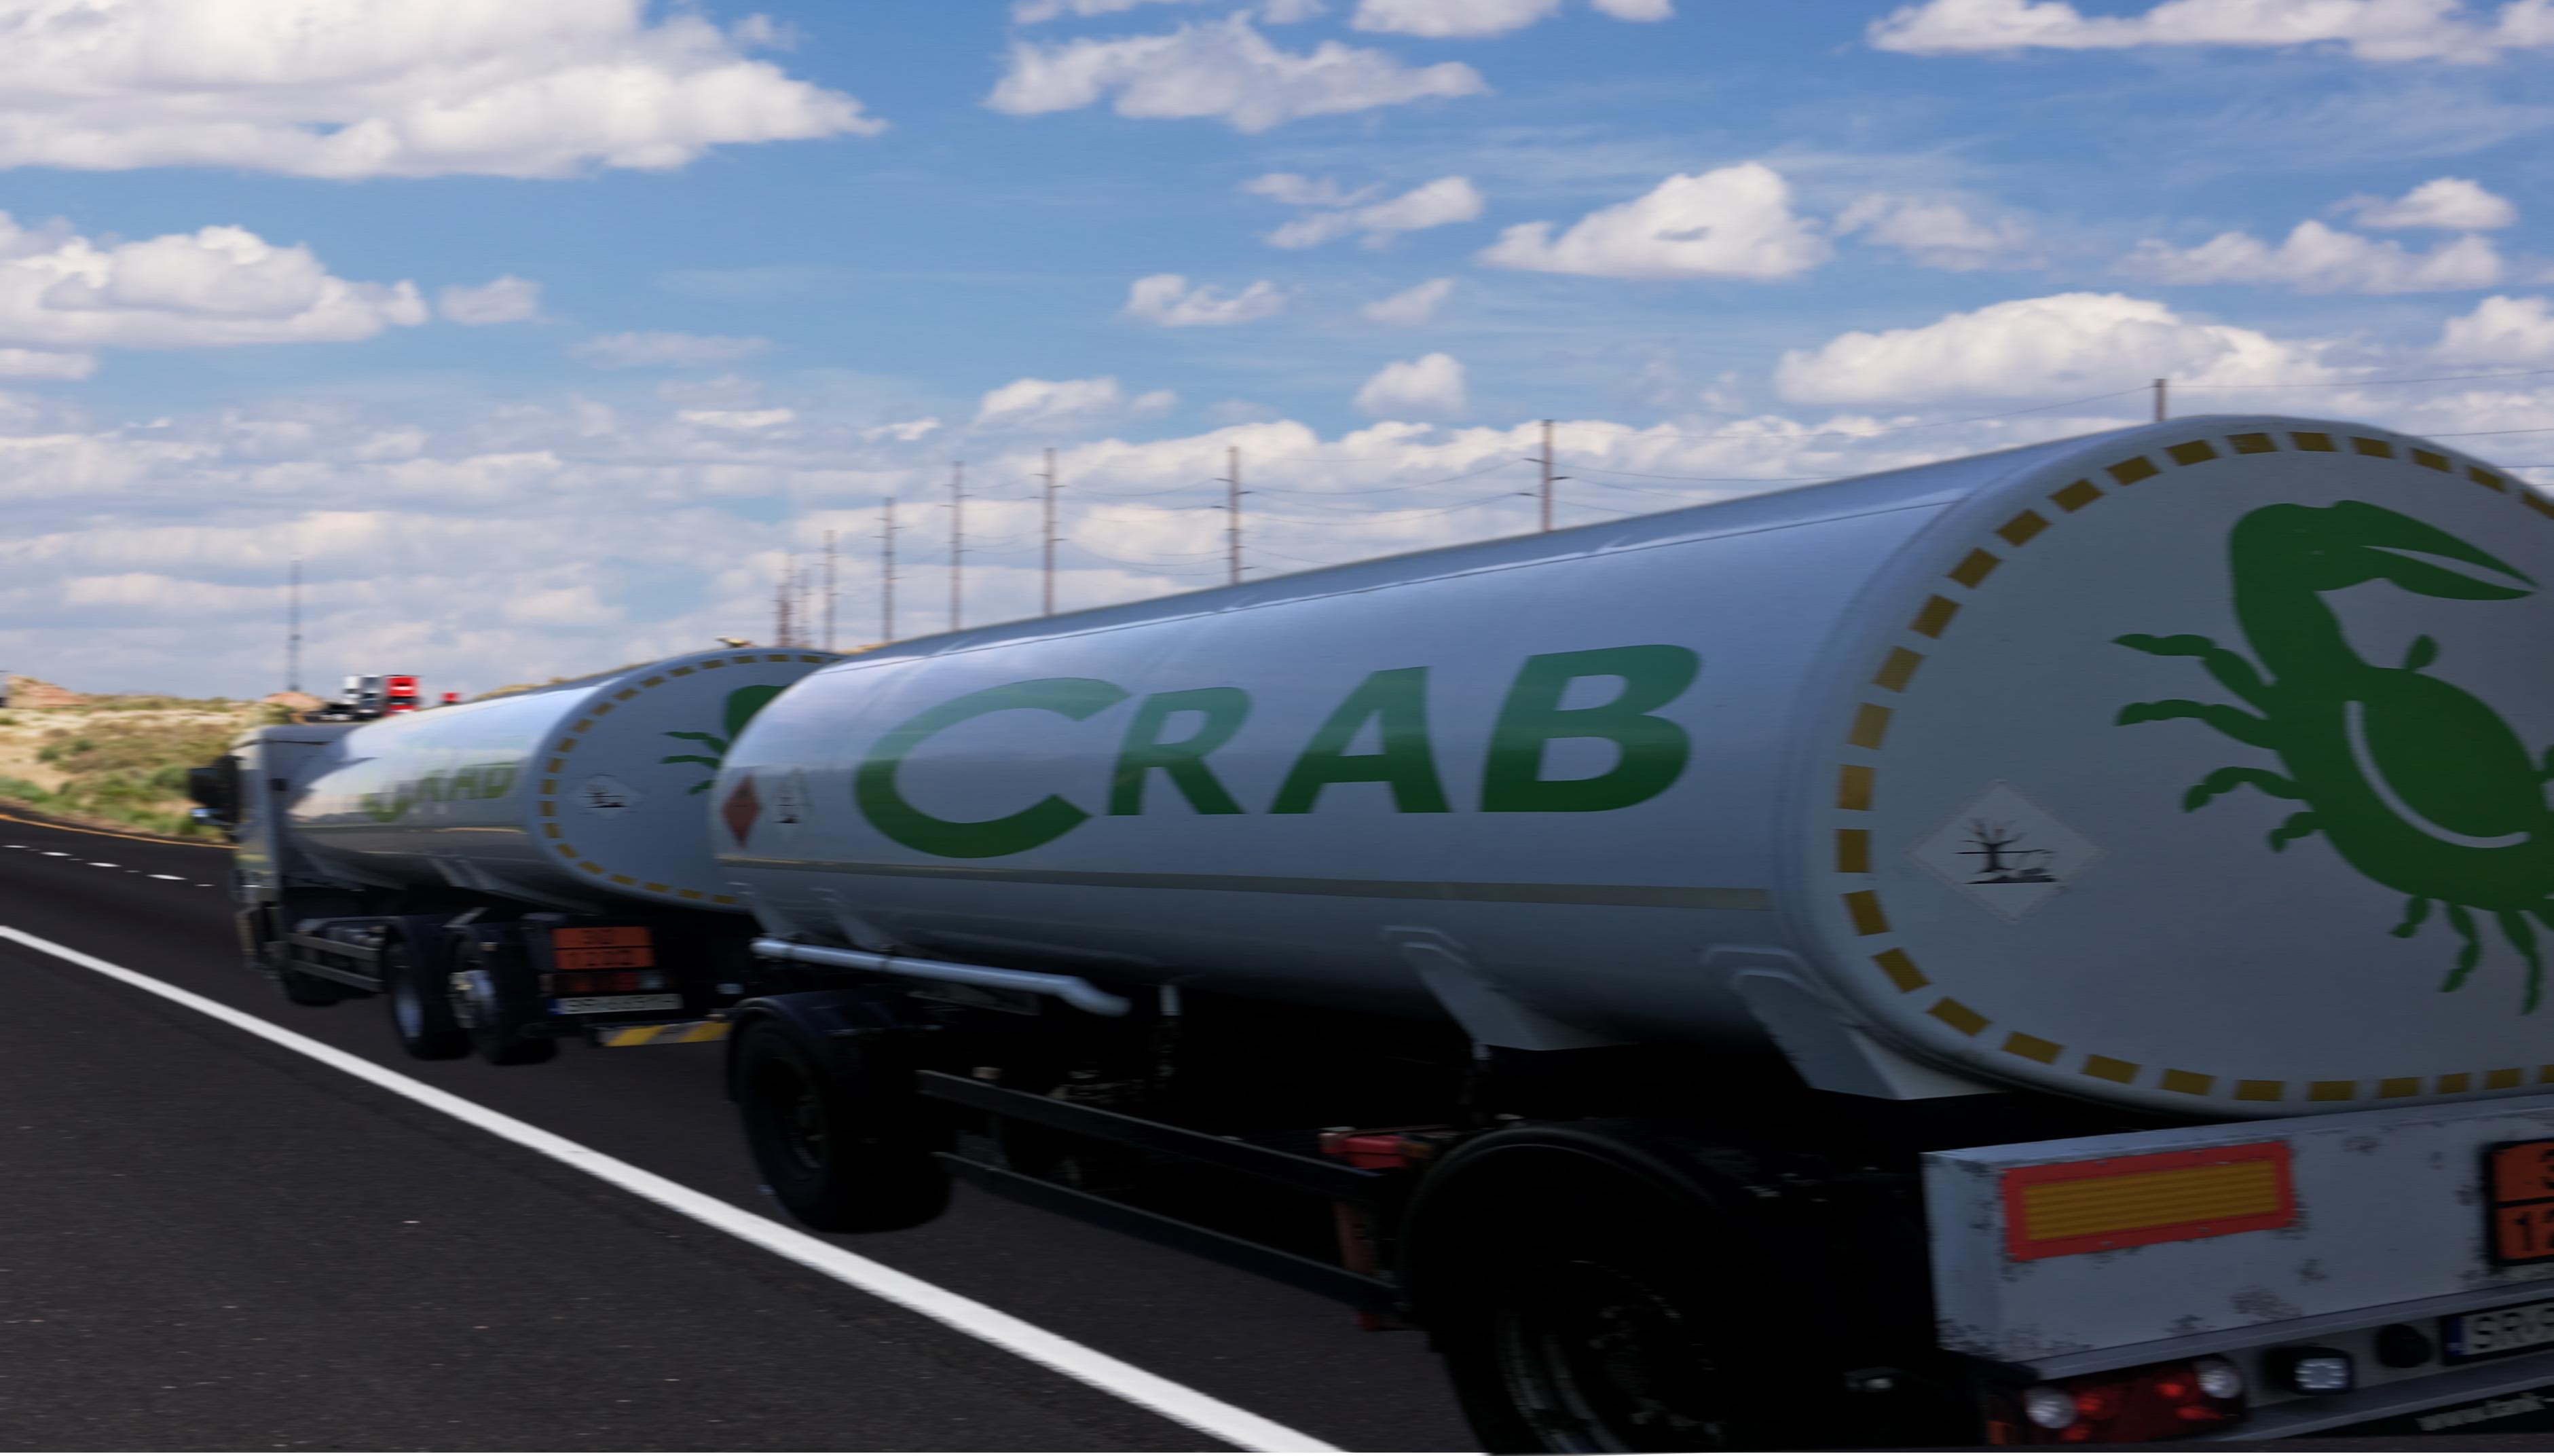 crabtir